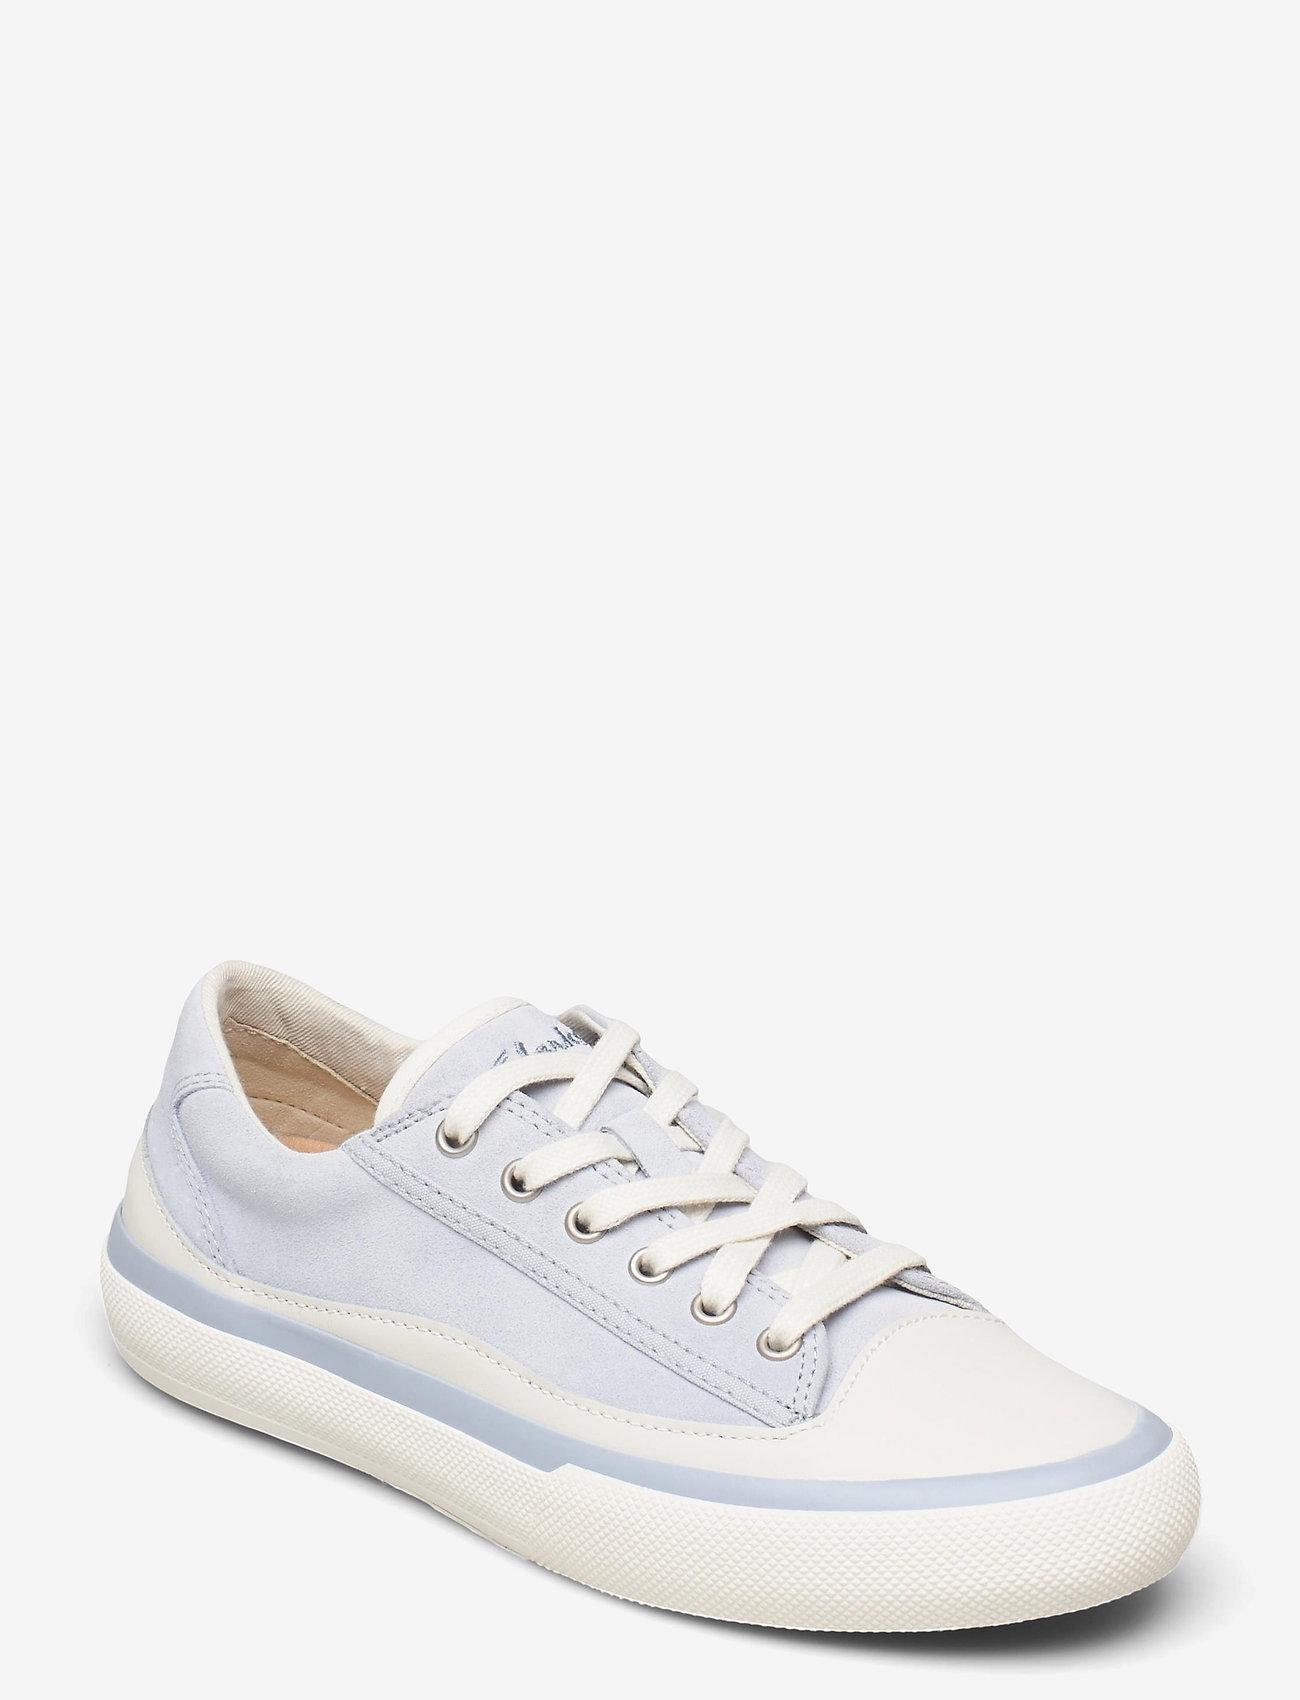 Clarks - Aceley Lace - låga sneakers - pale blue - 0